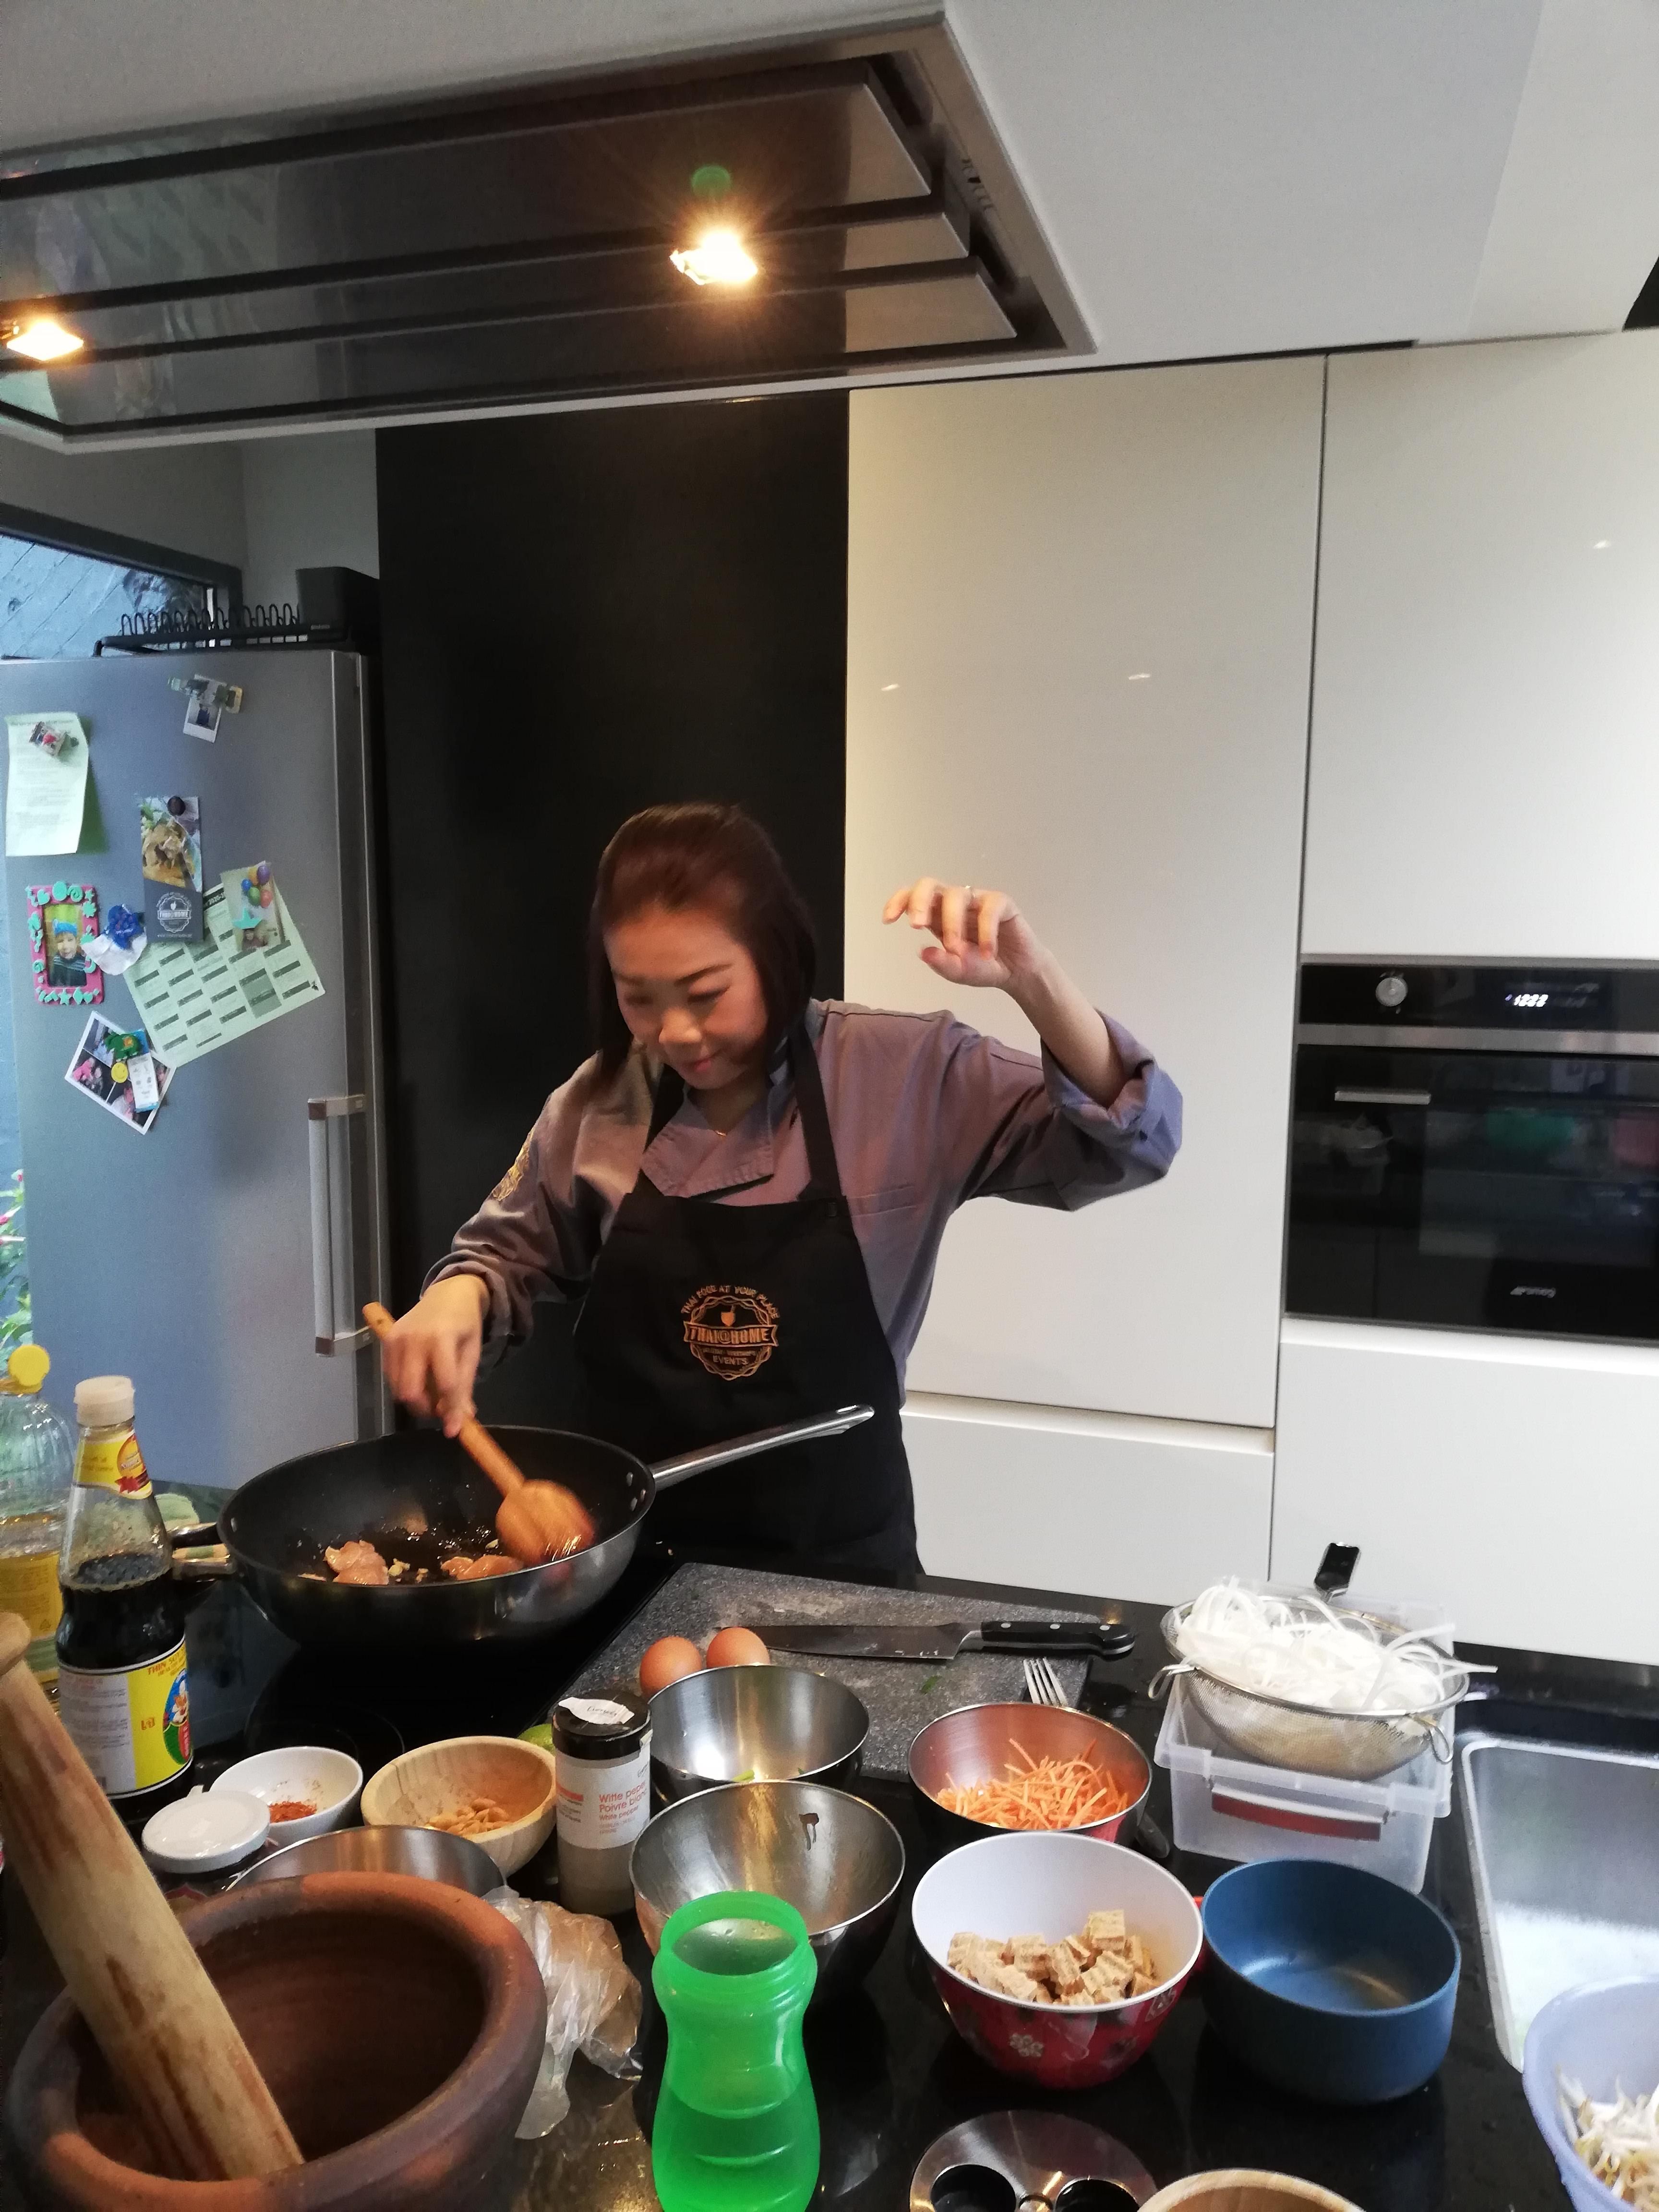 Thaise kok in keuken thuis